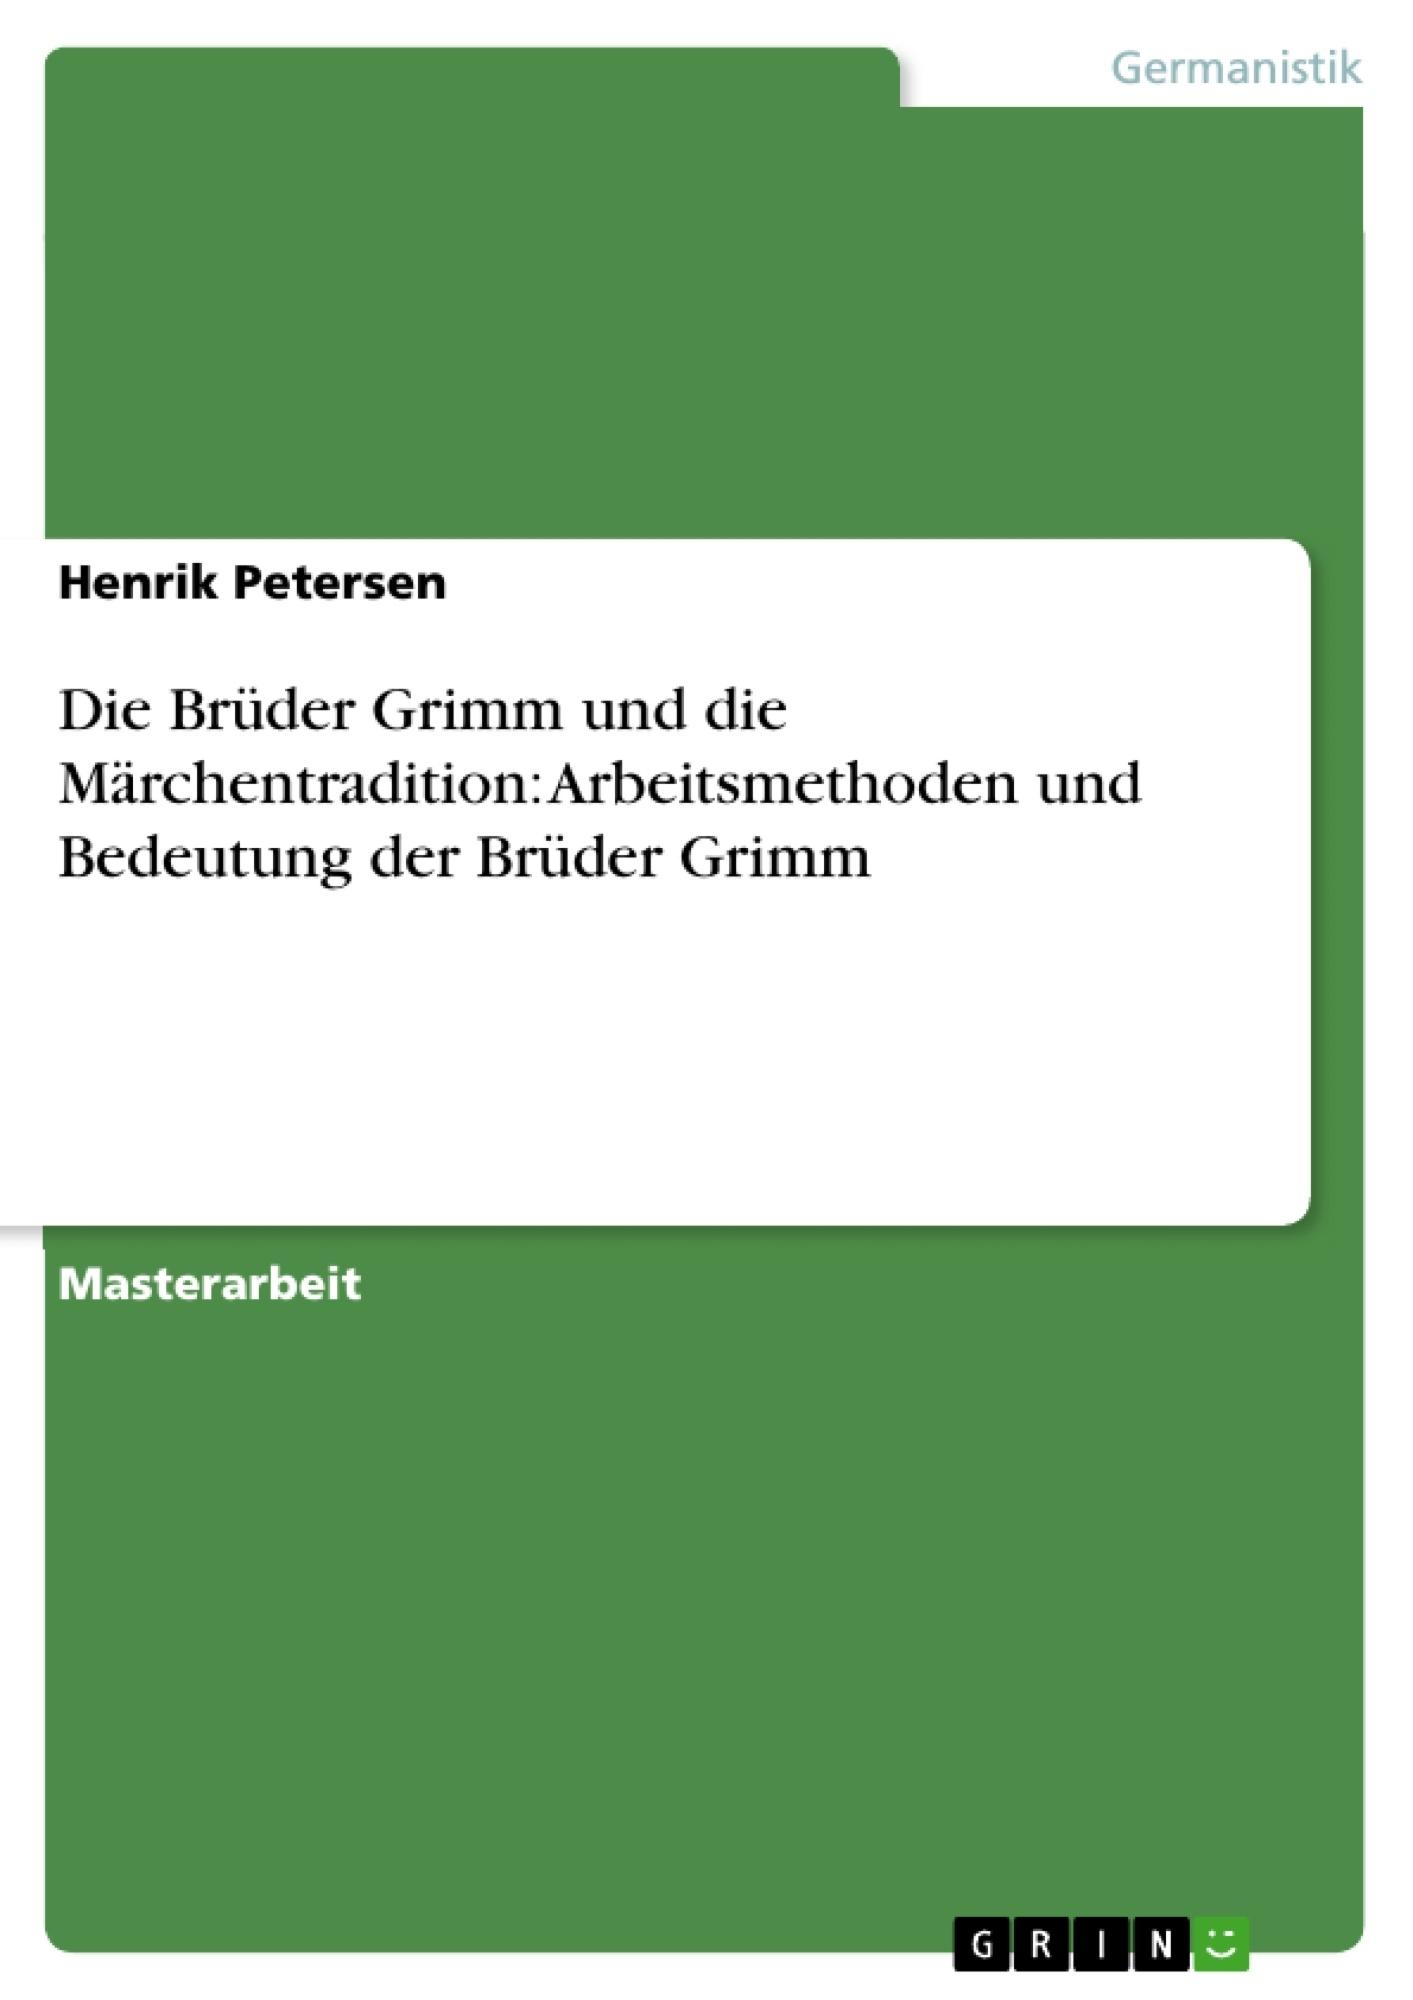 Titel: Die Brüder Grimm und die Märchentradition: Arbeitsmethoden und Bedeutung der Brüder Grimm